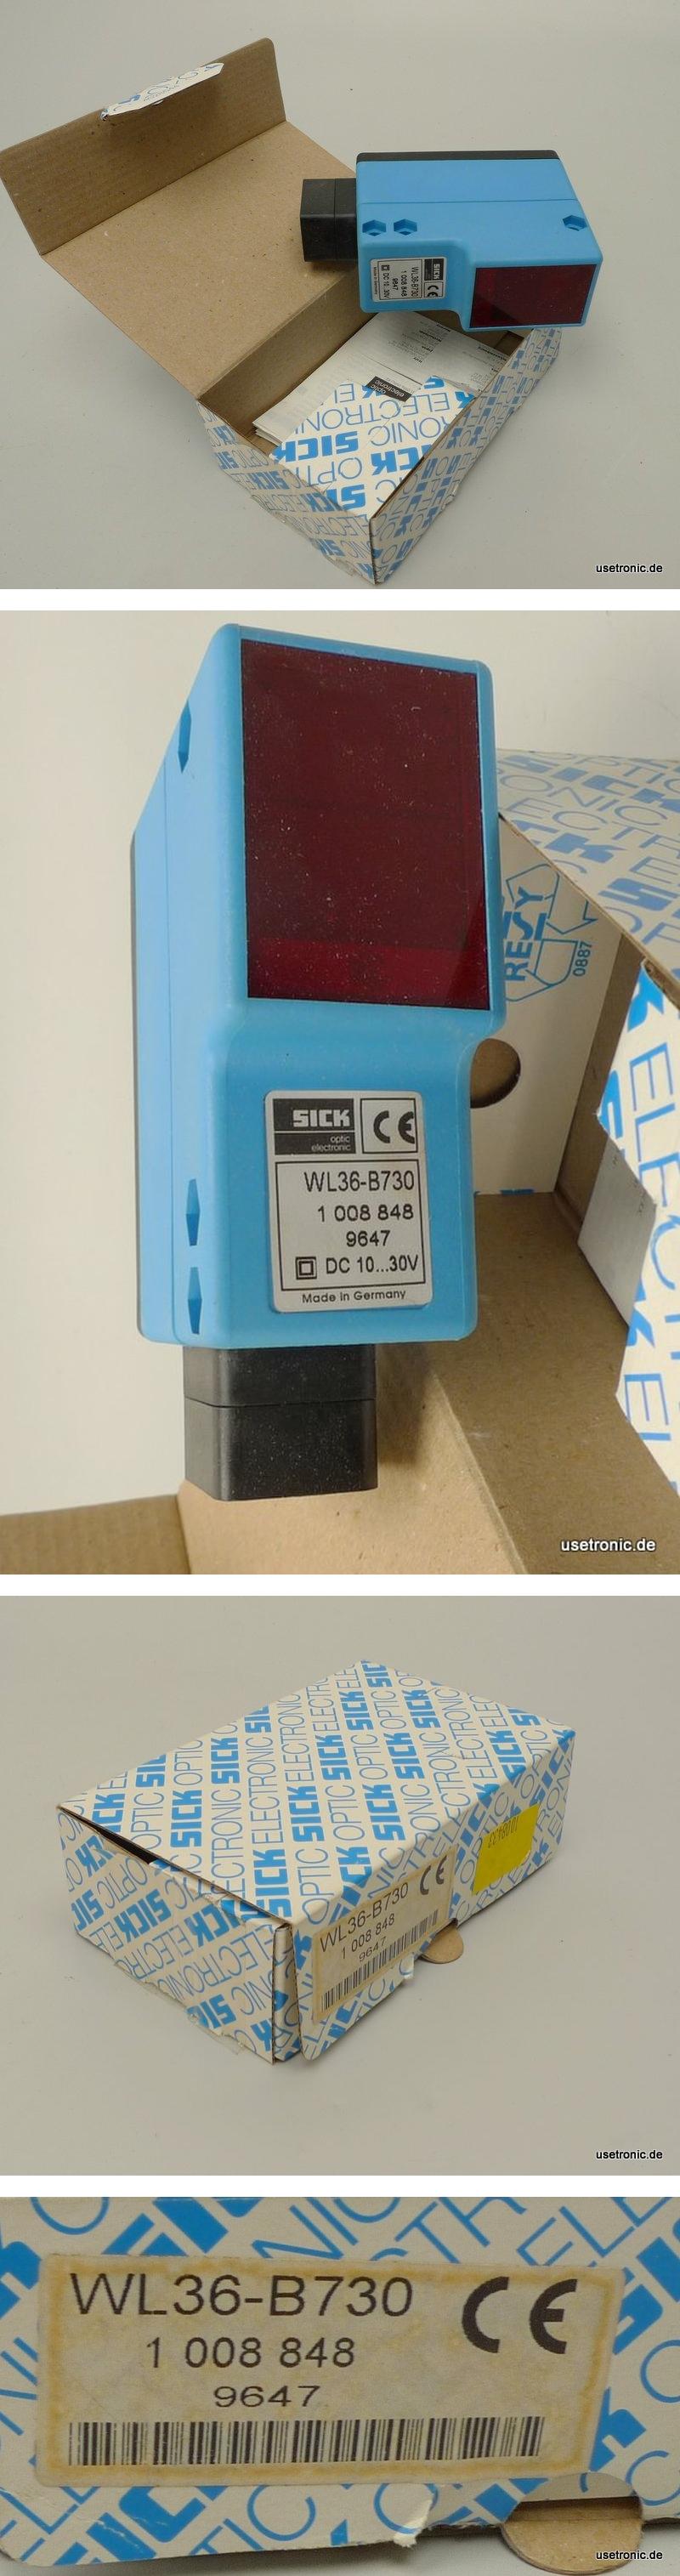 Sick Reflexlichtschranke WL36-B730 1008848